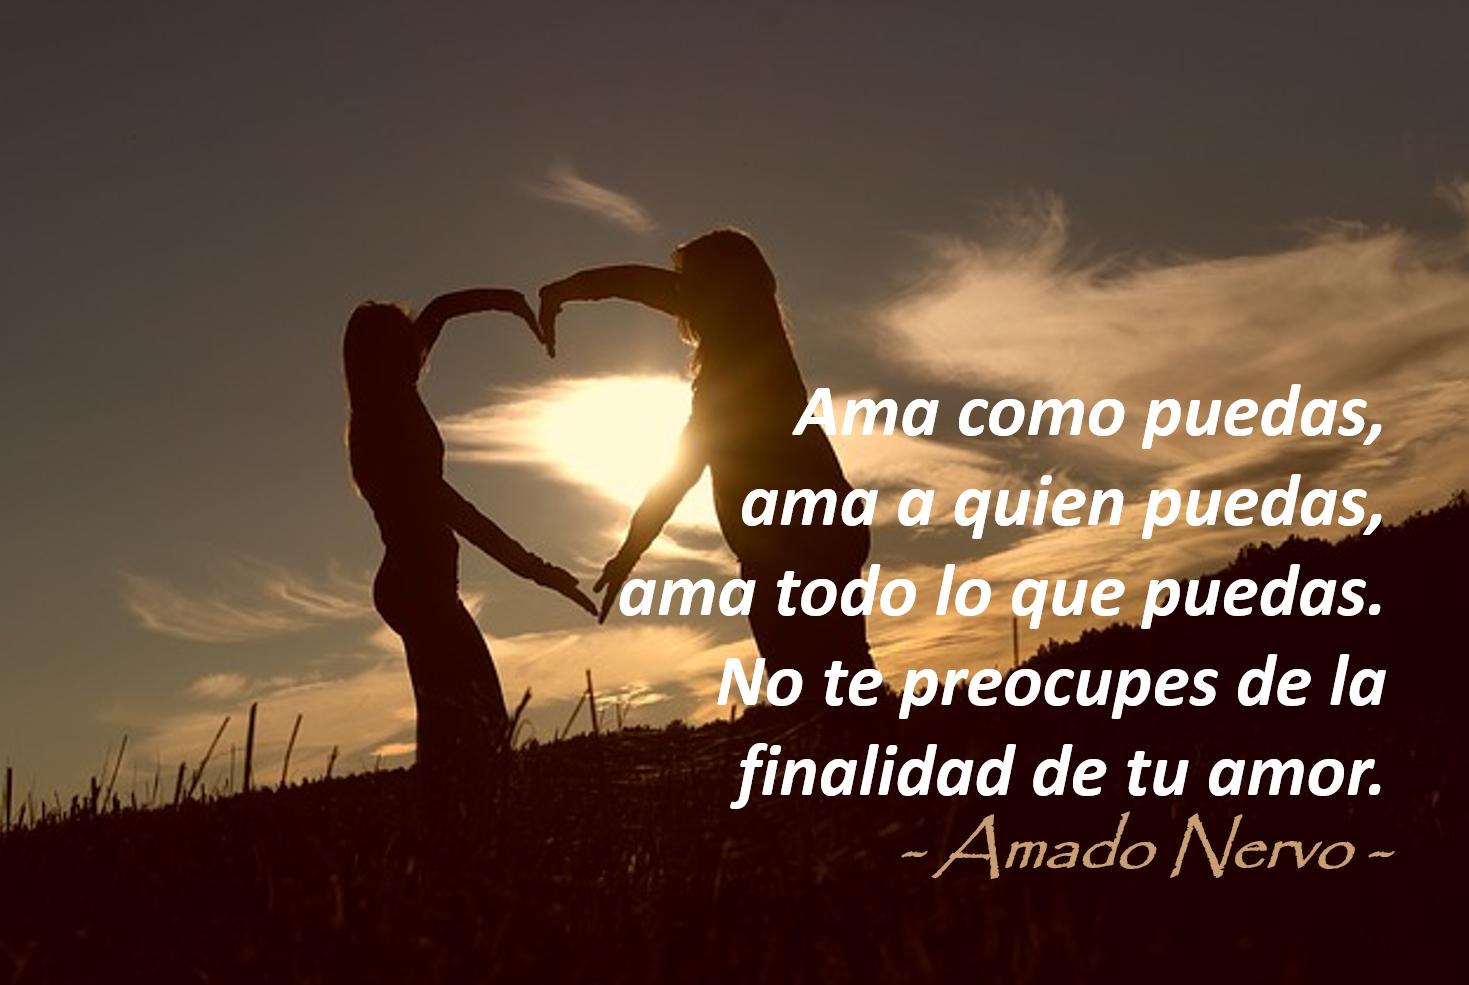 Lecciones Para Amar Amado Nervo Llénalo De Amor